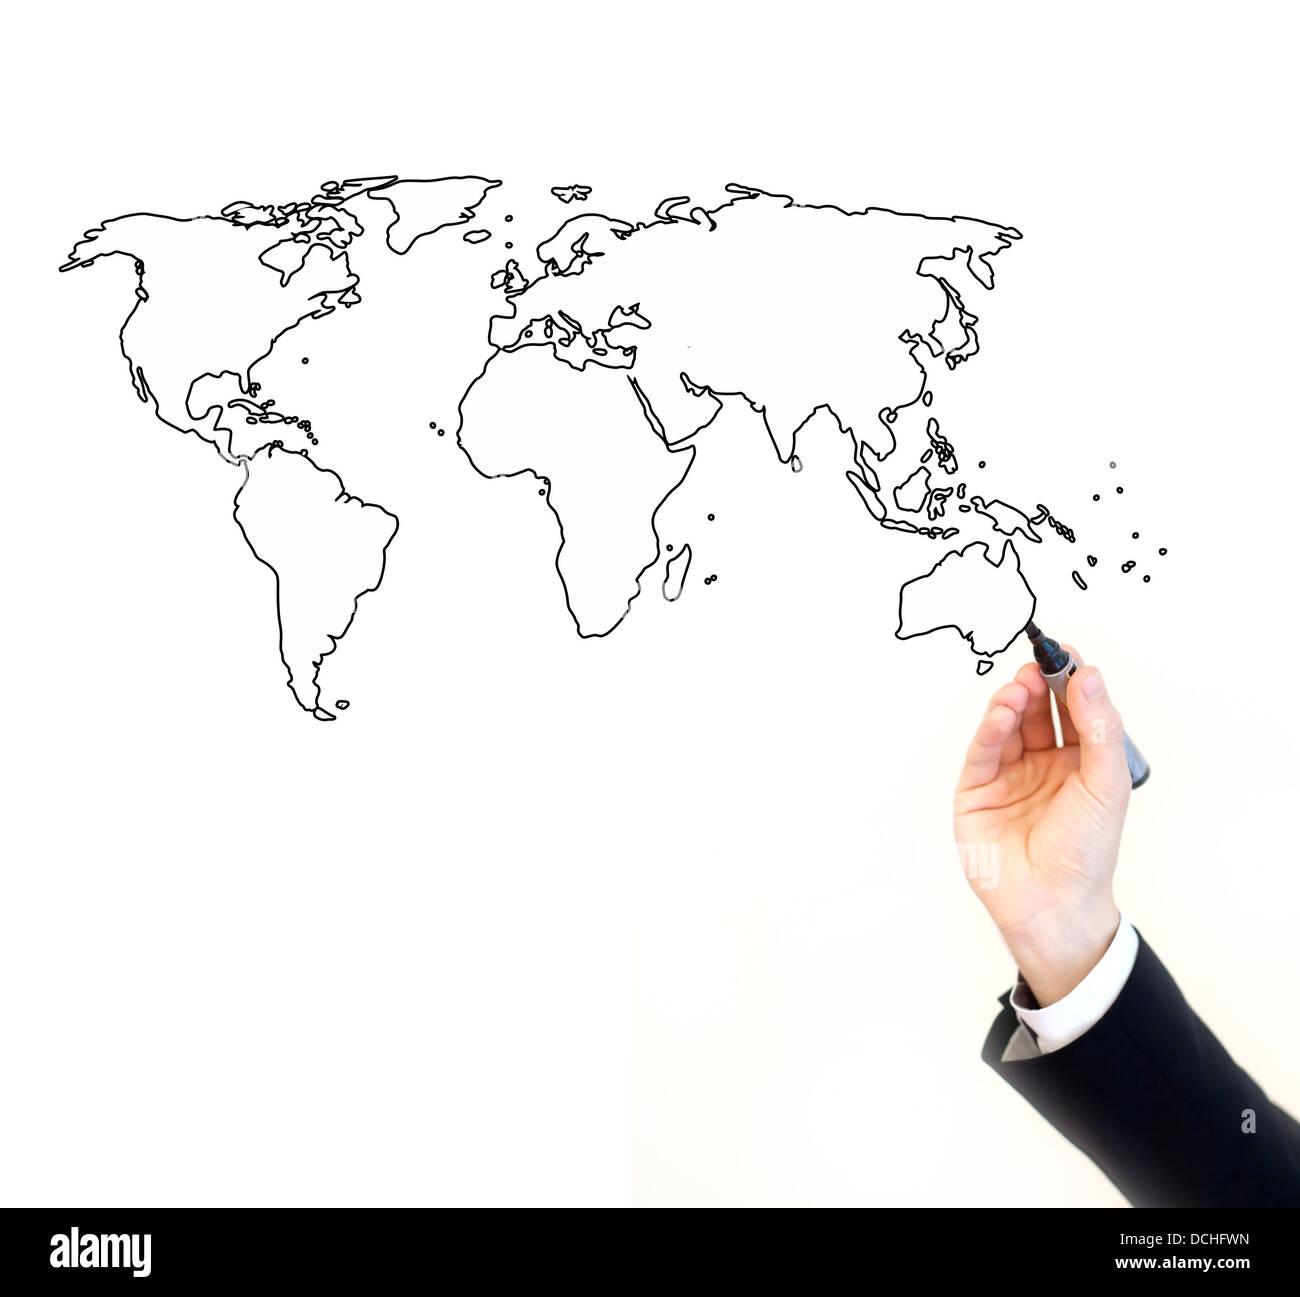 La mano del empresario de pintar un mapa del mundo, aislado en blanco con lugar para el texto Imagen De Stock